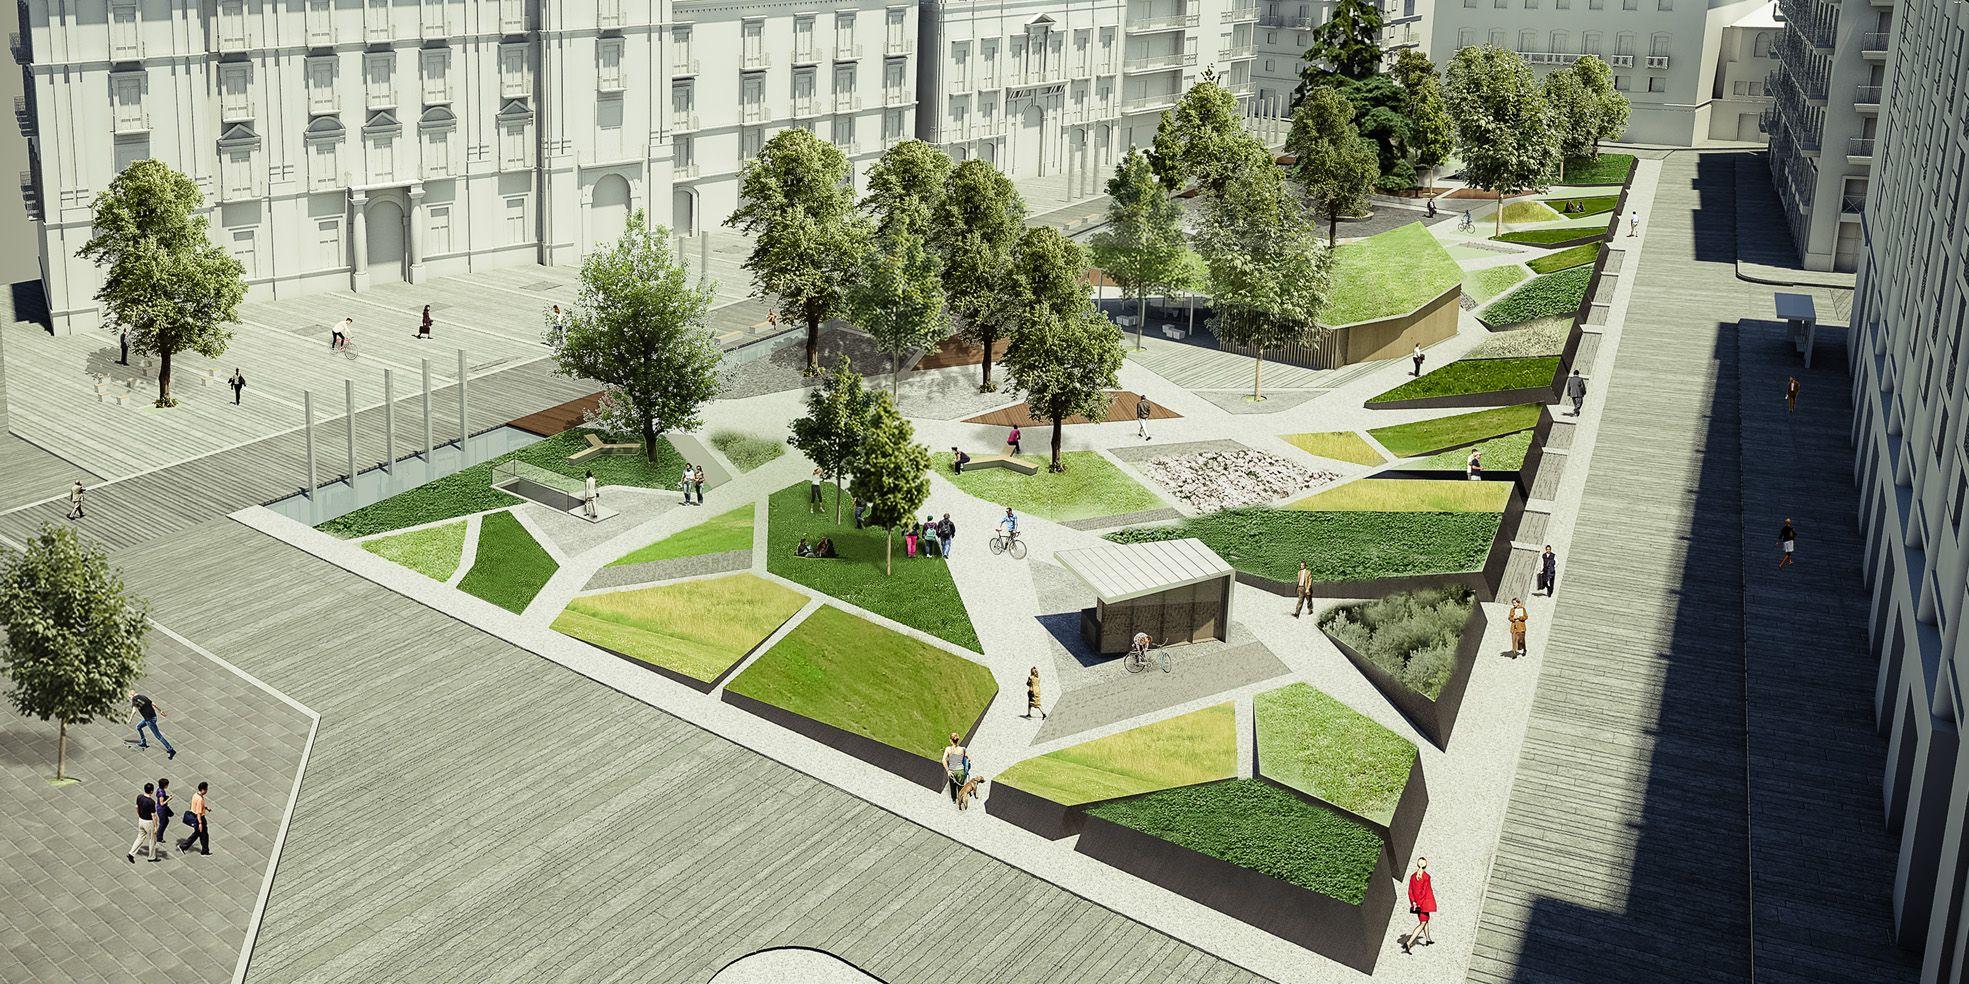 Riqualificazione aree e spazi pubblici di piazza libert for Architettura giardini